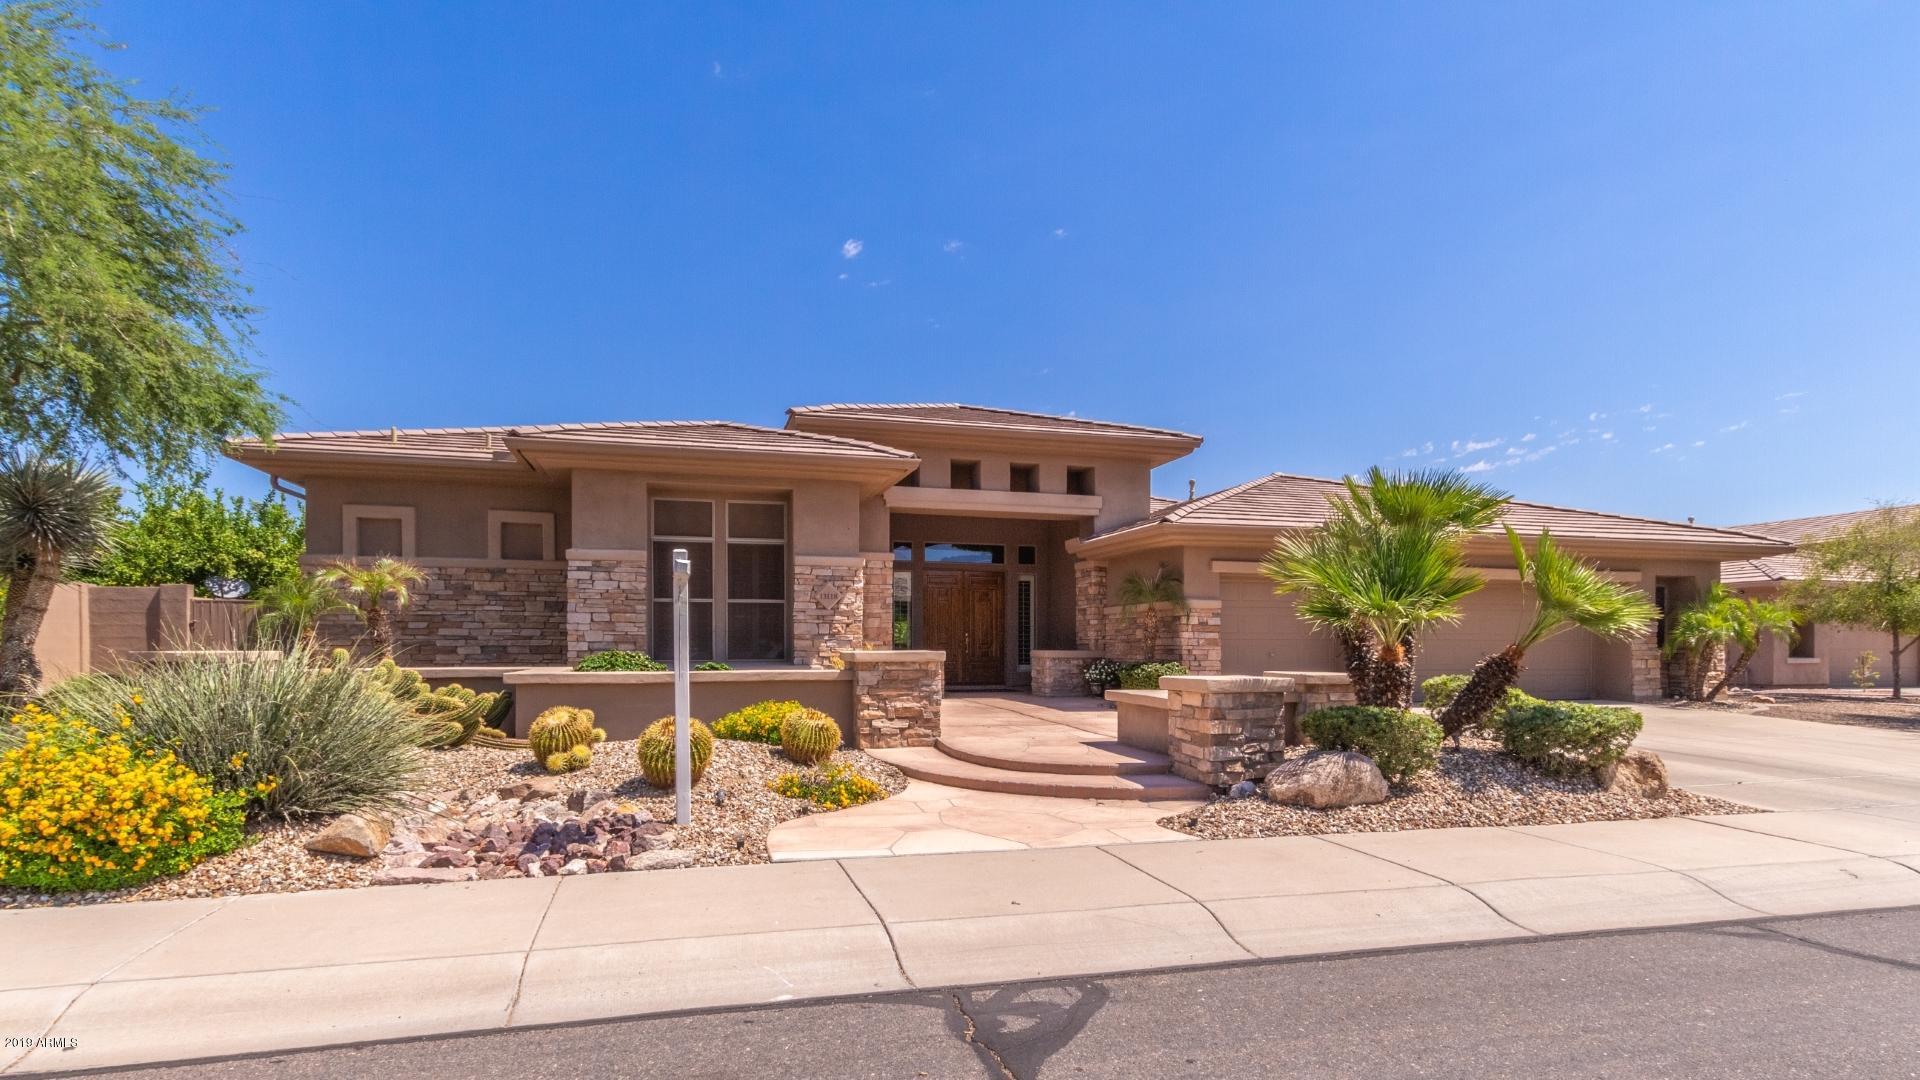 Photo of 13118 W ROVEY Court, Litchfield Park, AZ 85340